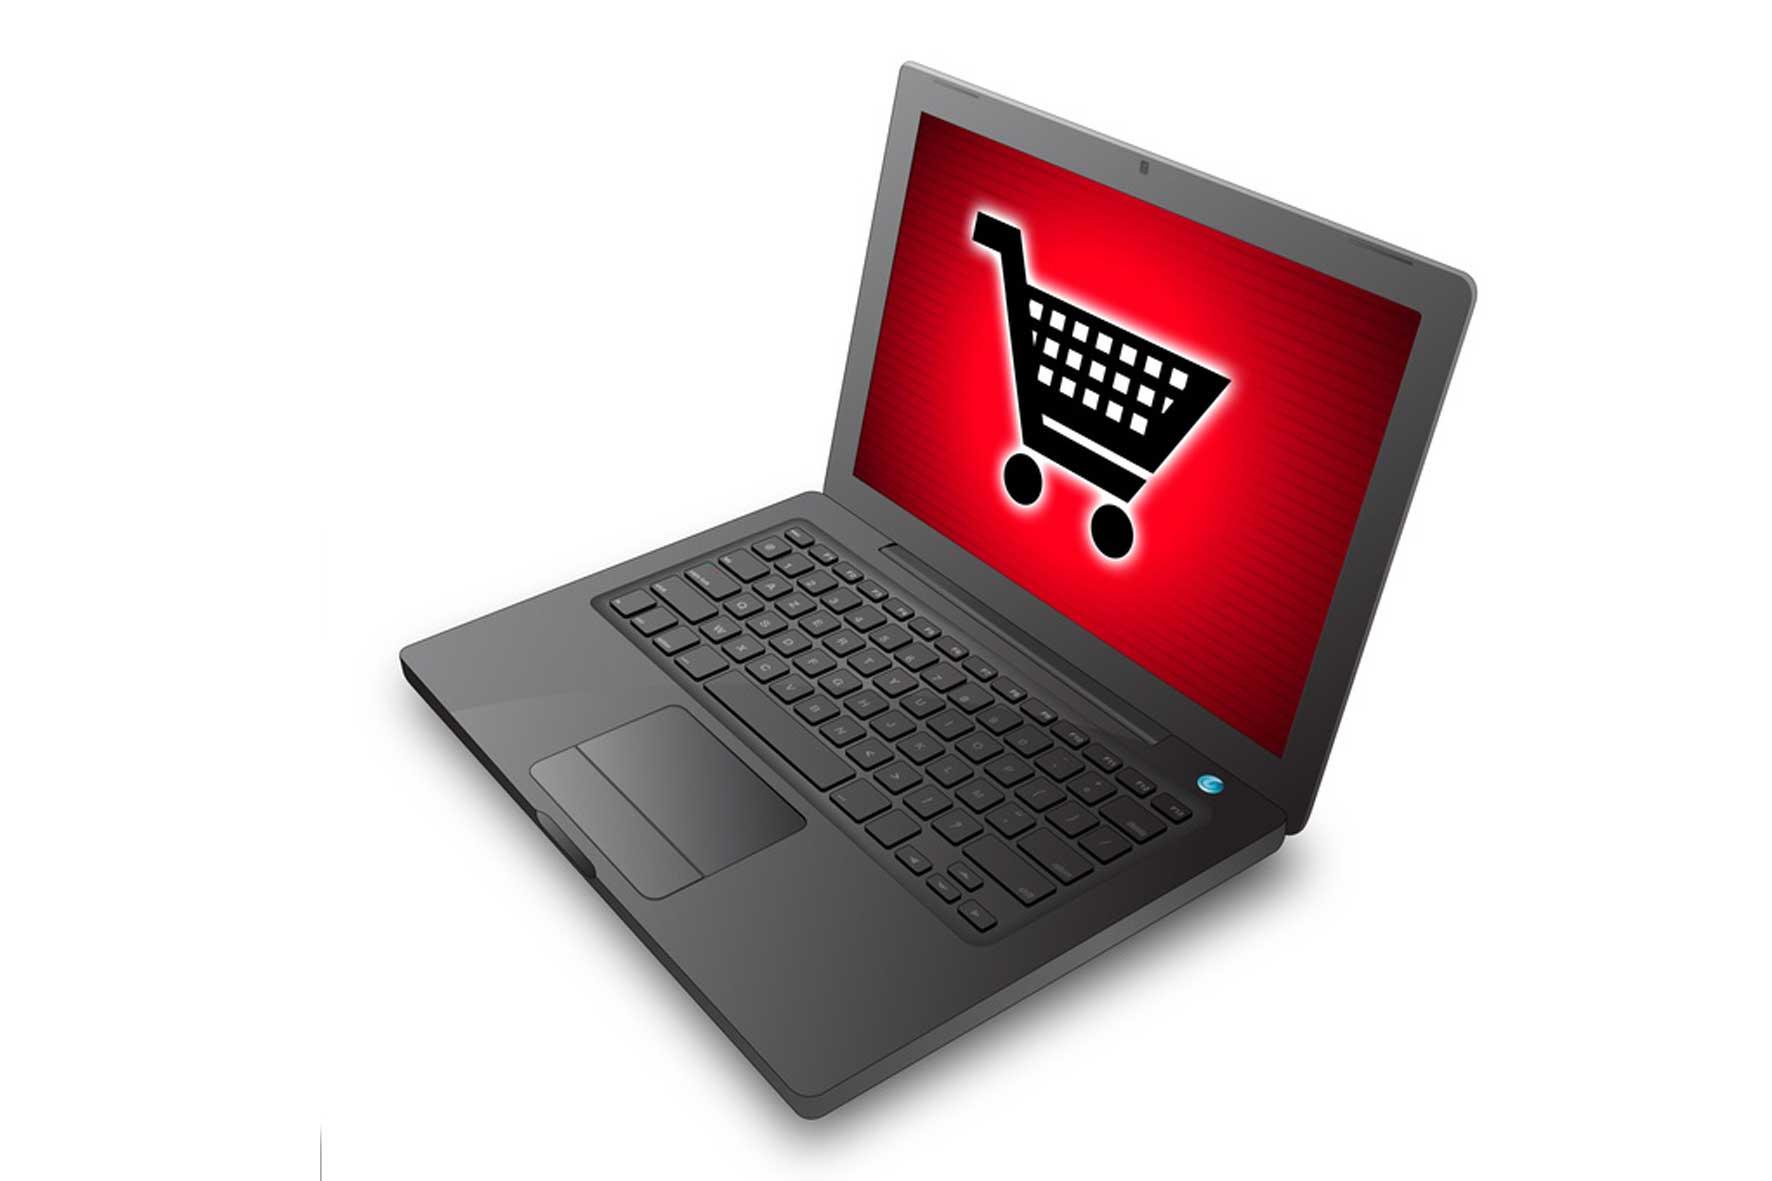 Nowa ustawa o prawach konsumenta – jak przygotować sklep na zmiany